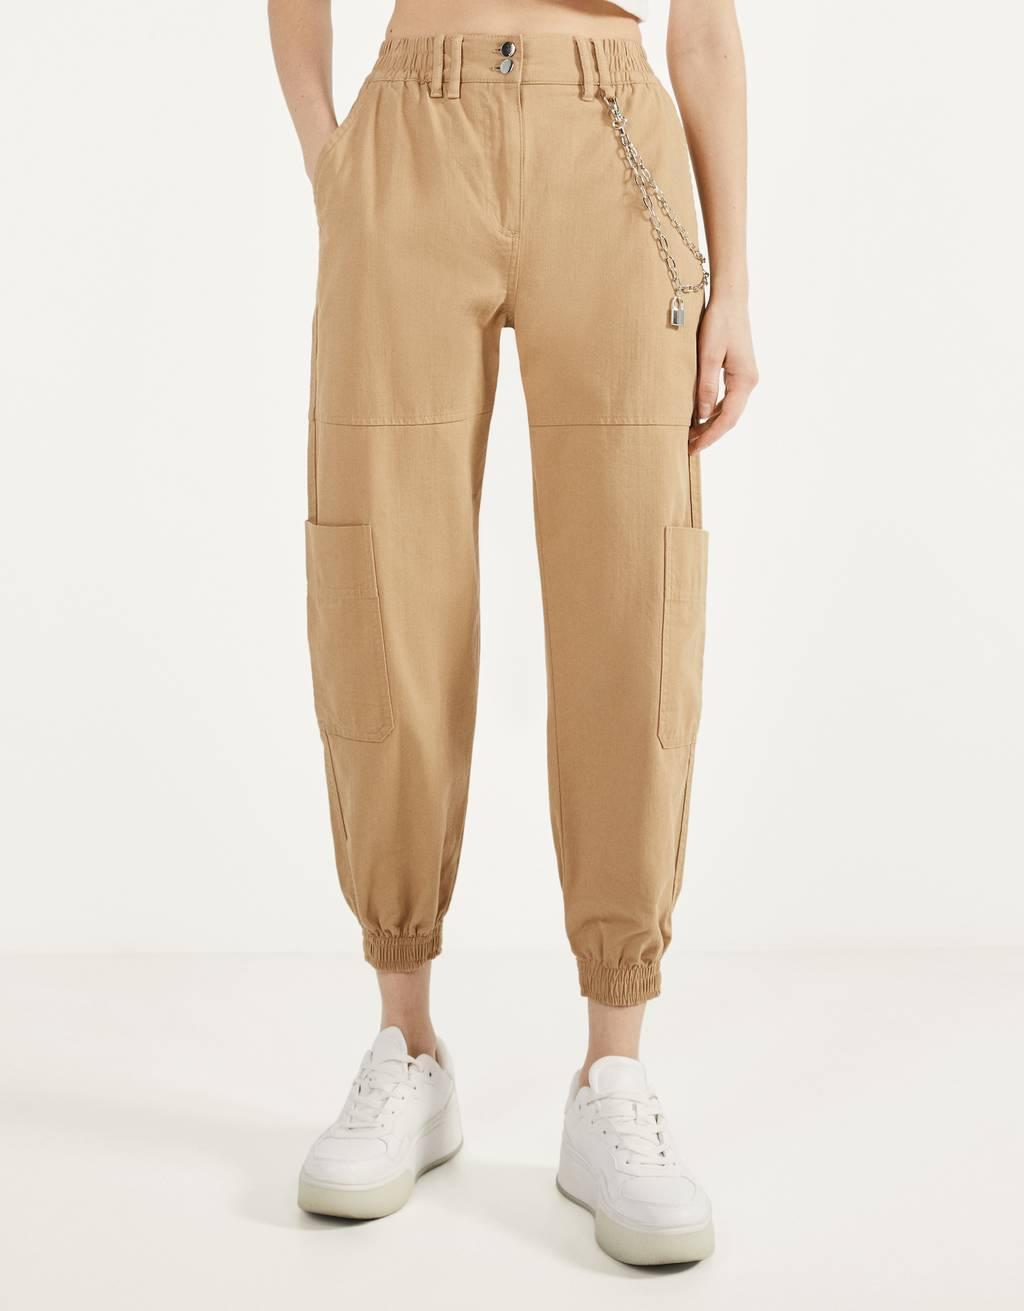 Taille haute blanc avec moutarde Côté À Rayures Large Évasé Jambe Pantalon Leggings